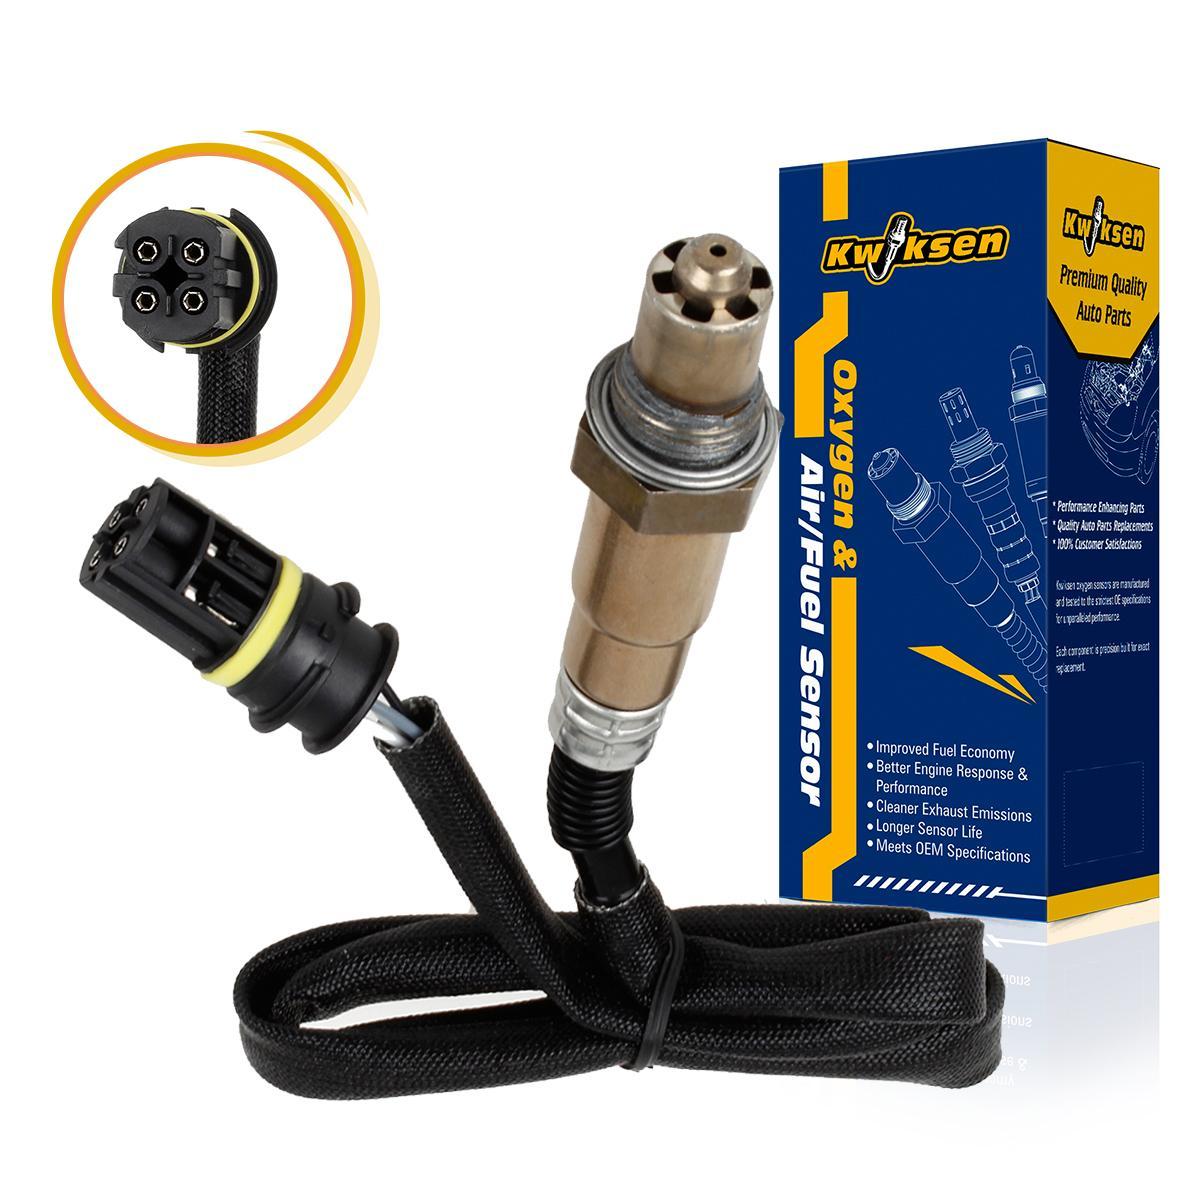 2007 Bmw Z4 M Transmission: Oxygen Sensor 234-4892 Downstream For 06-2007 BMW 530xi